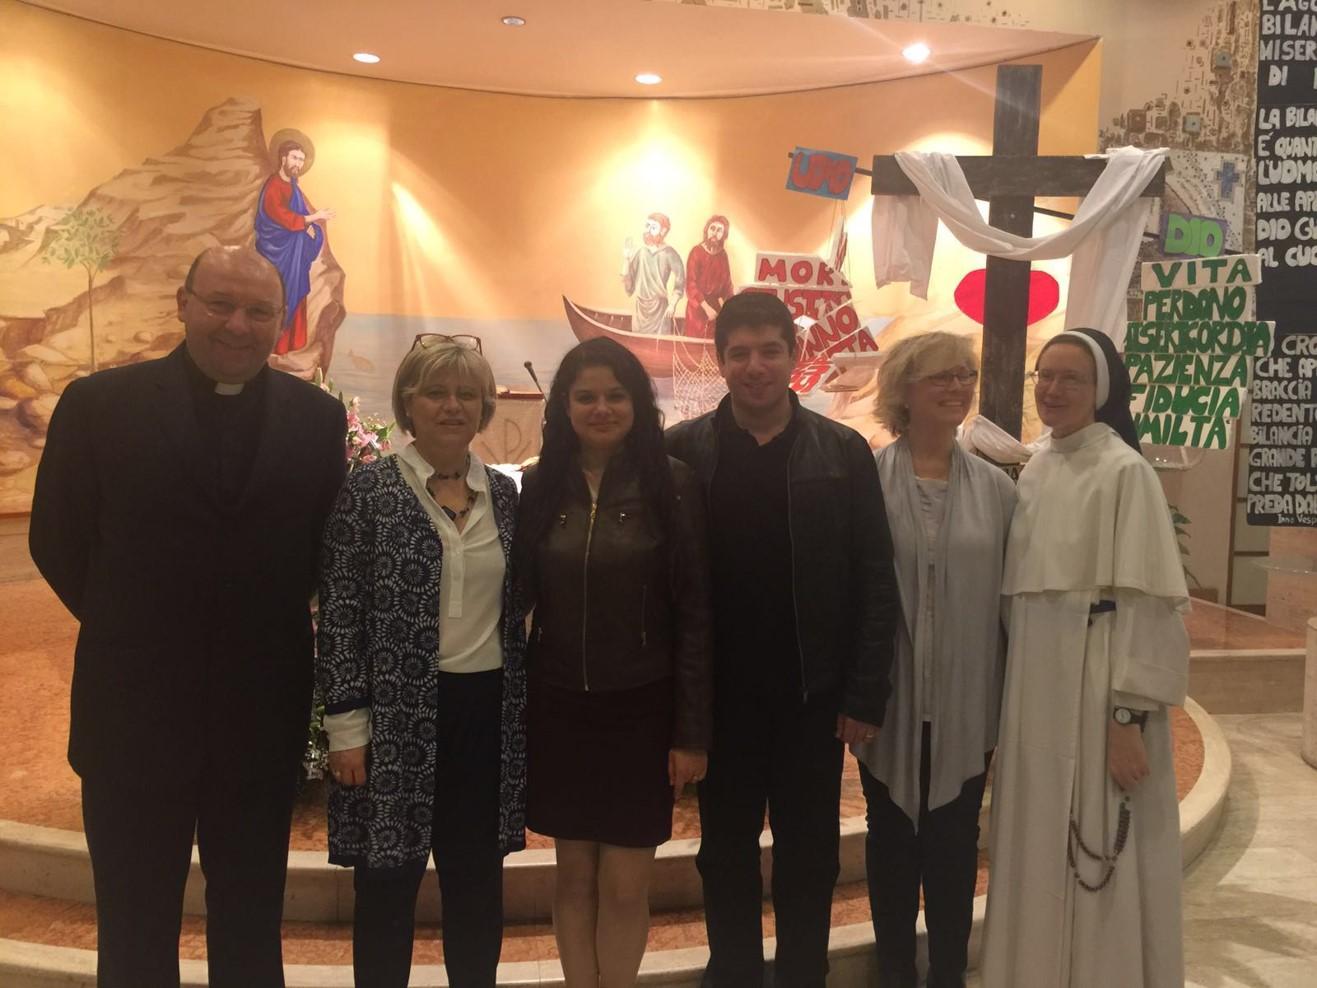 cresime-in-parrocchia-santatanasio-15-aprile-2016